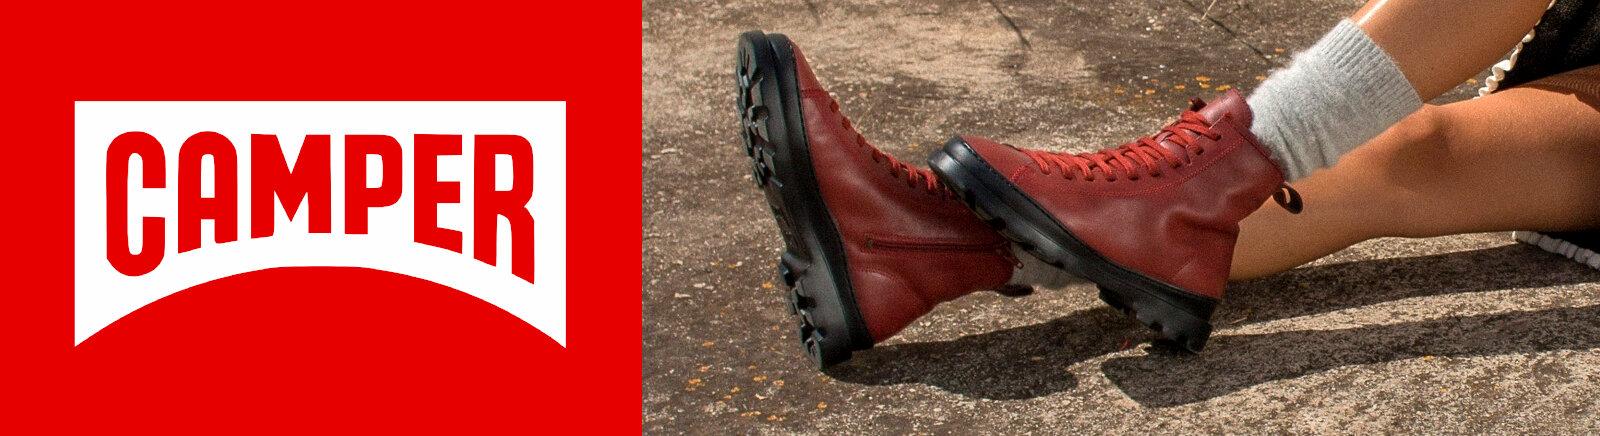 Gisy: Camper Stiefel für Damen online shoppen